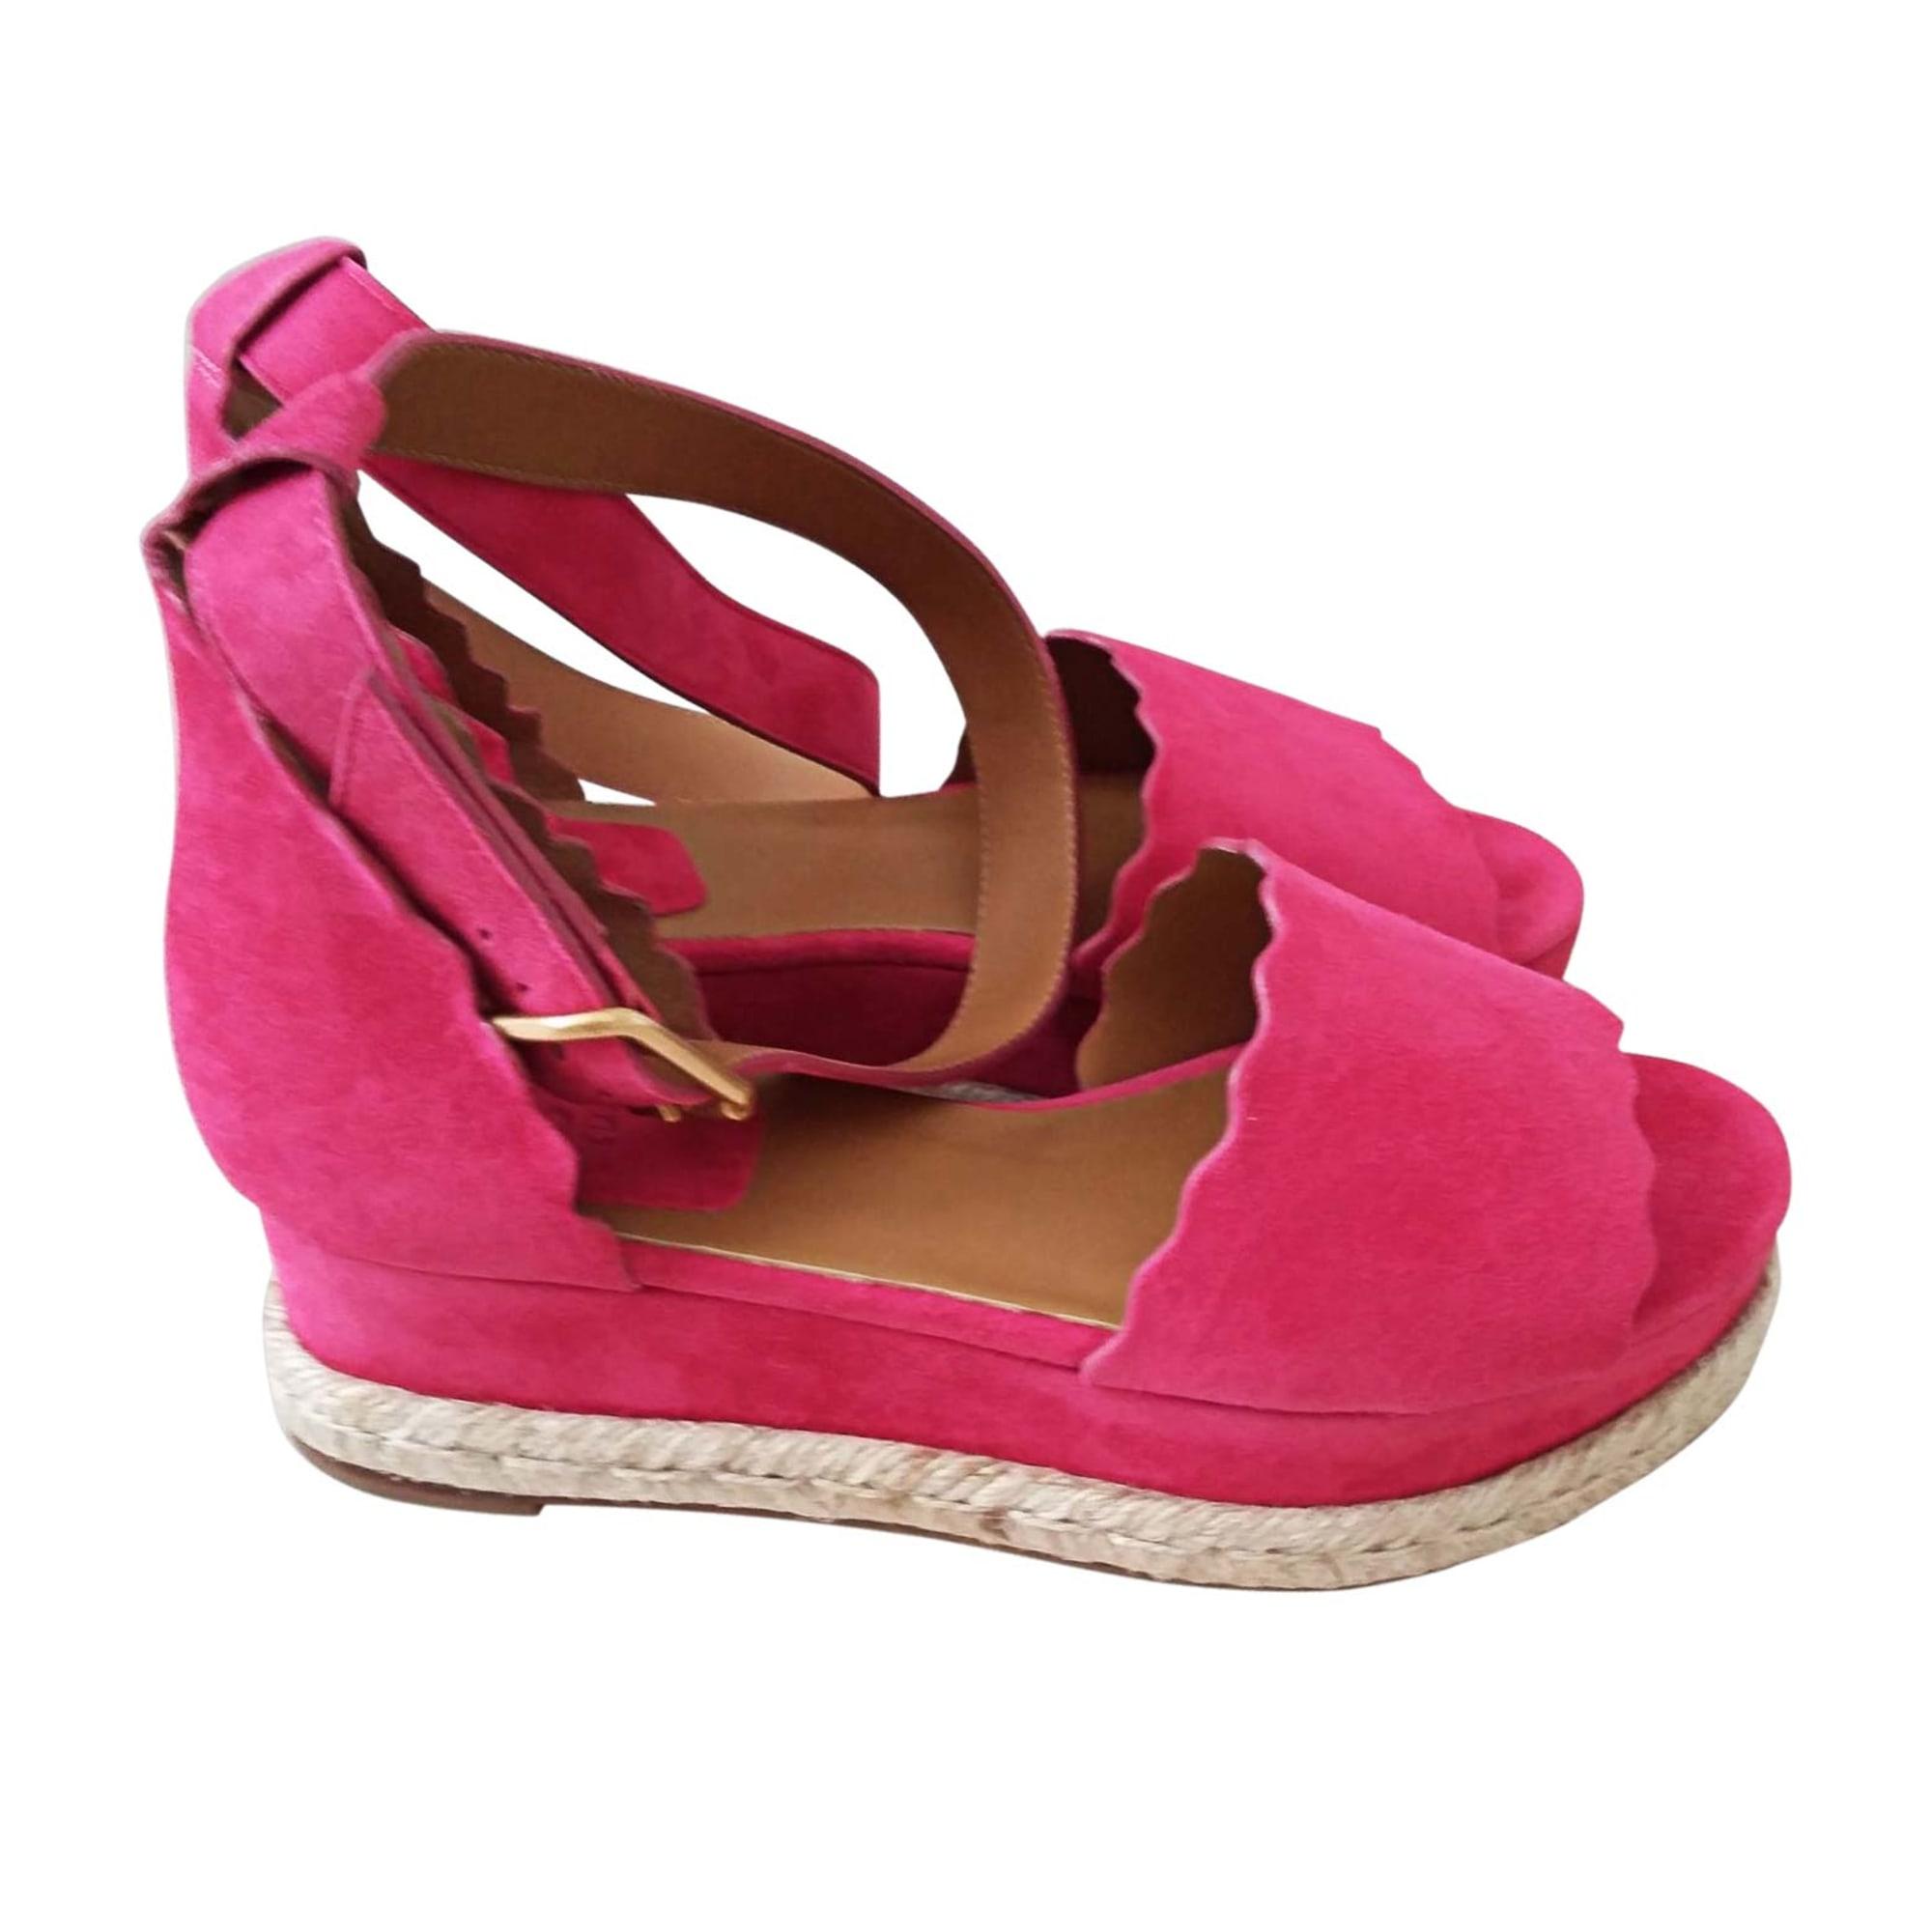 Sandales compensées CHLOÉ Rose, fuschia, vieux rose